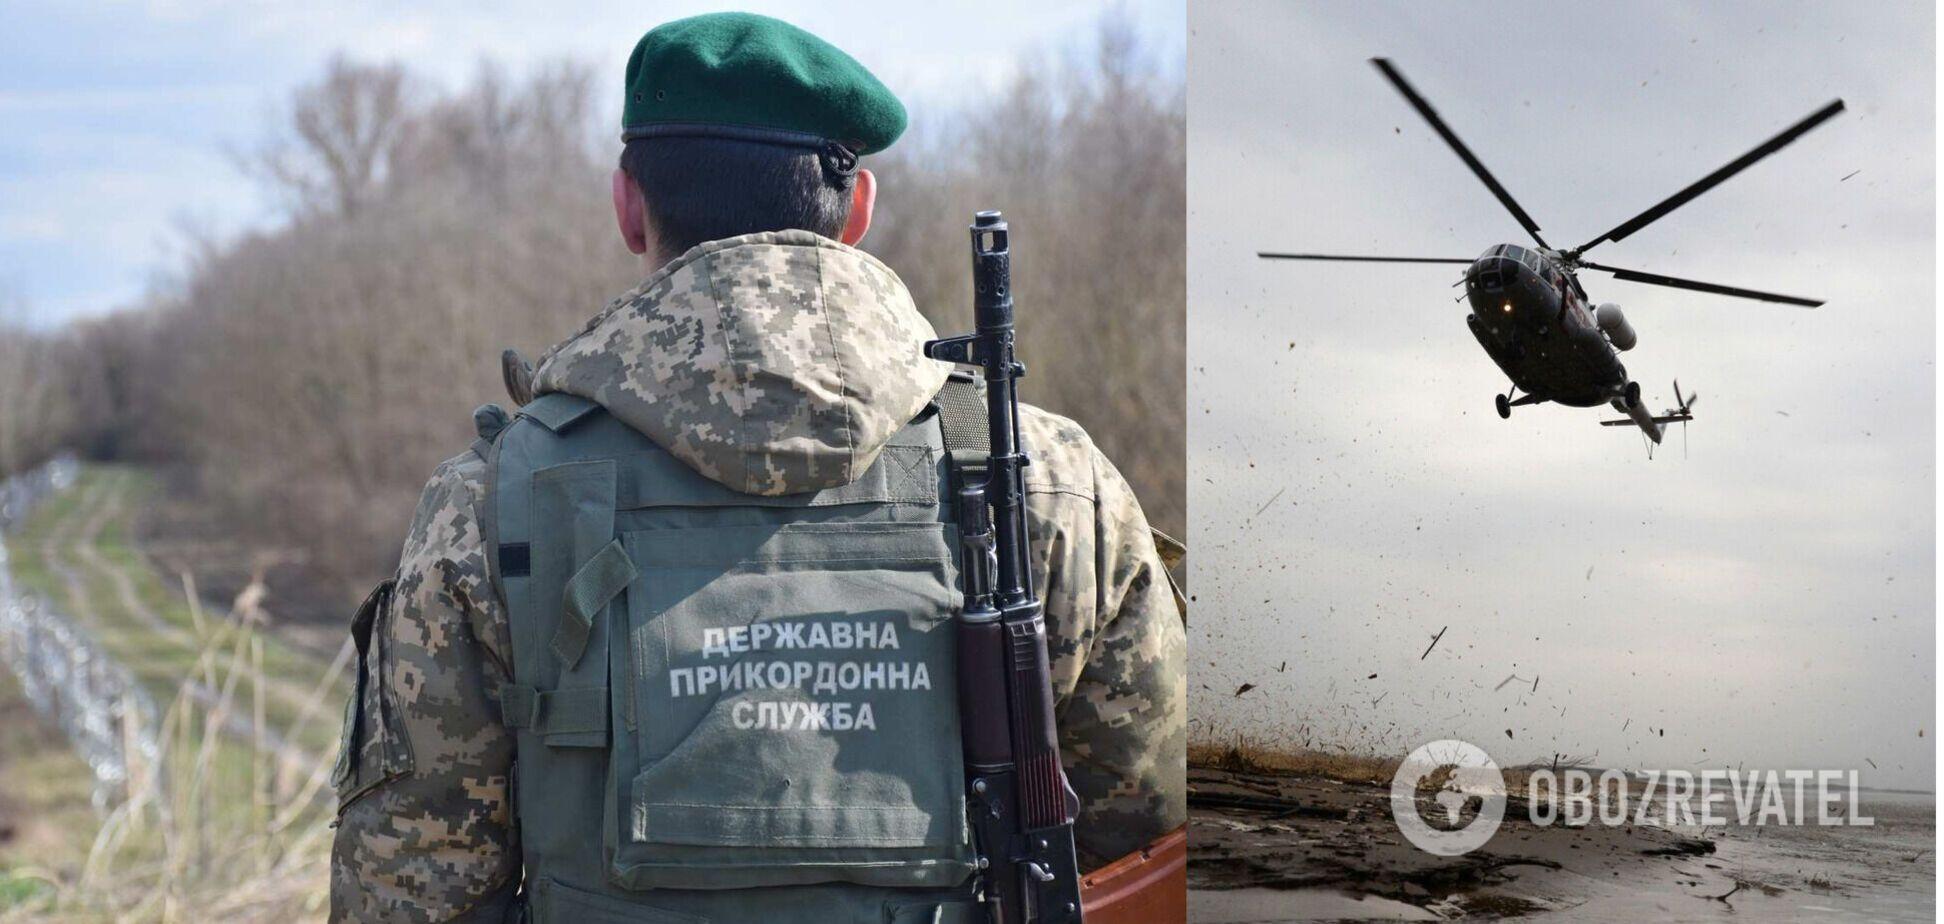 РФ передбачувано прокоментувала порушення вертольотом українського кордону